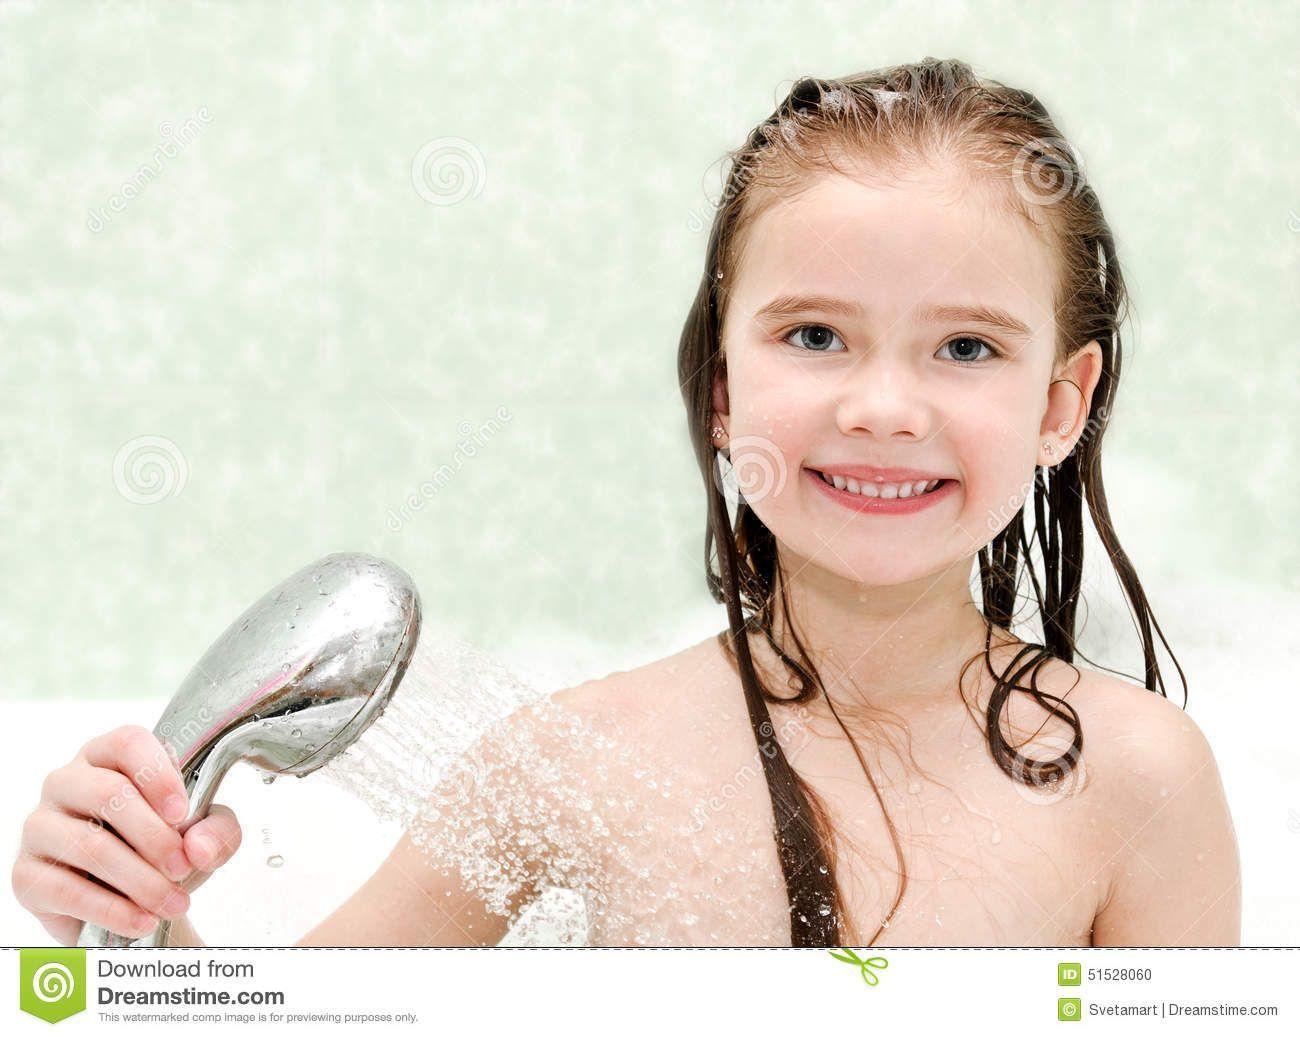 Girl taking shower